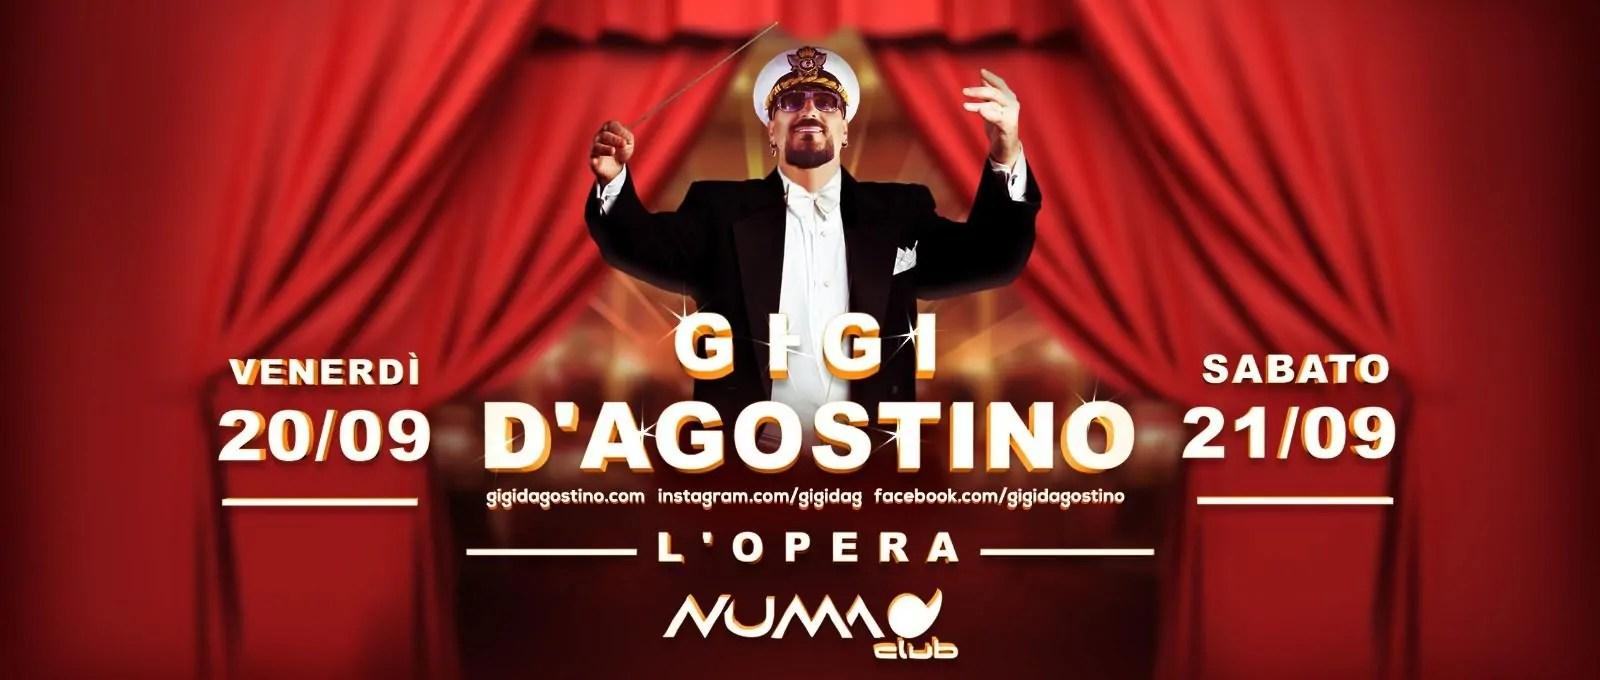 Numa Club Bologna GIGI D'AGOSTINO –  20 e 21 Settembre 2019 | Ticket Biglietti 18APP Tavoli Pacchetti hotel Prevendite